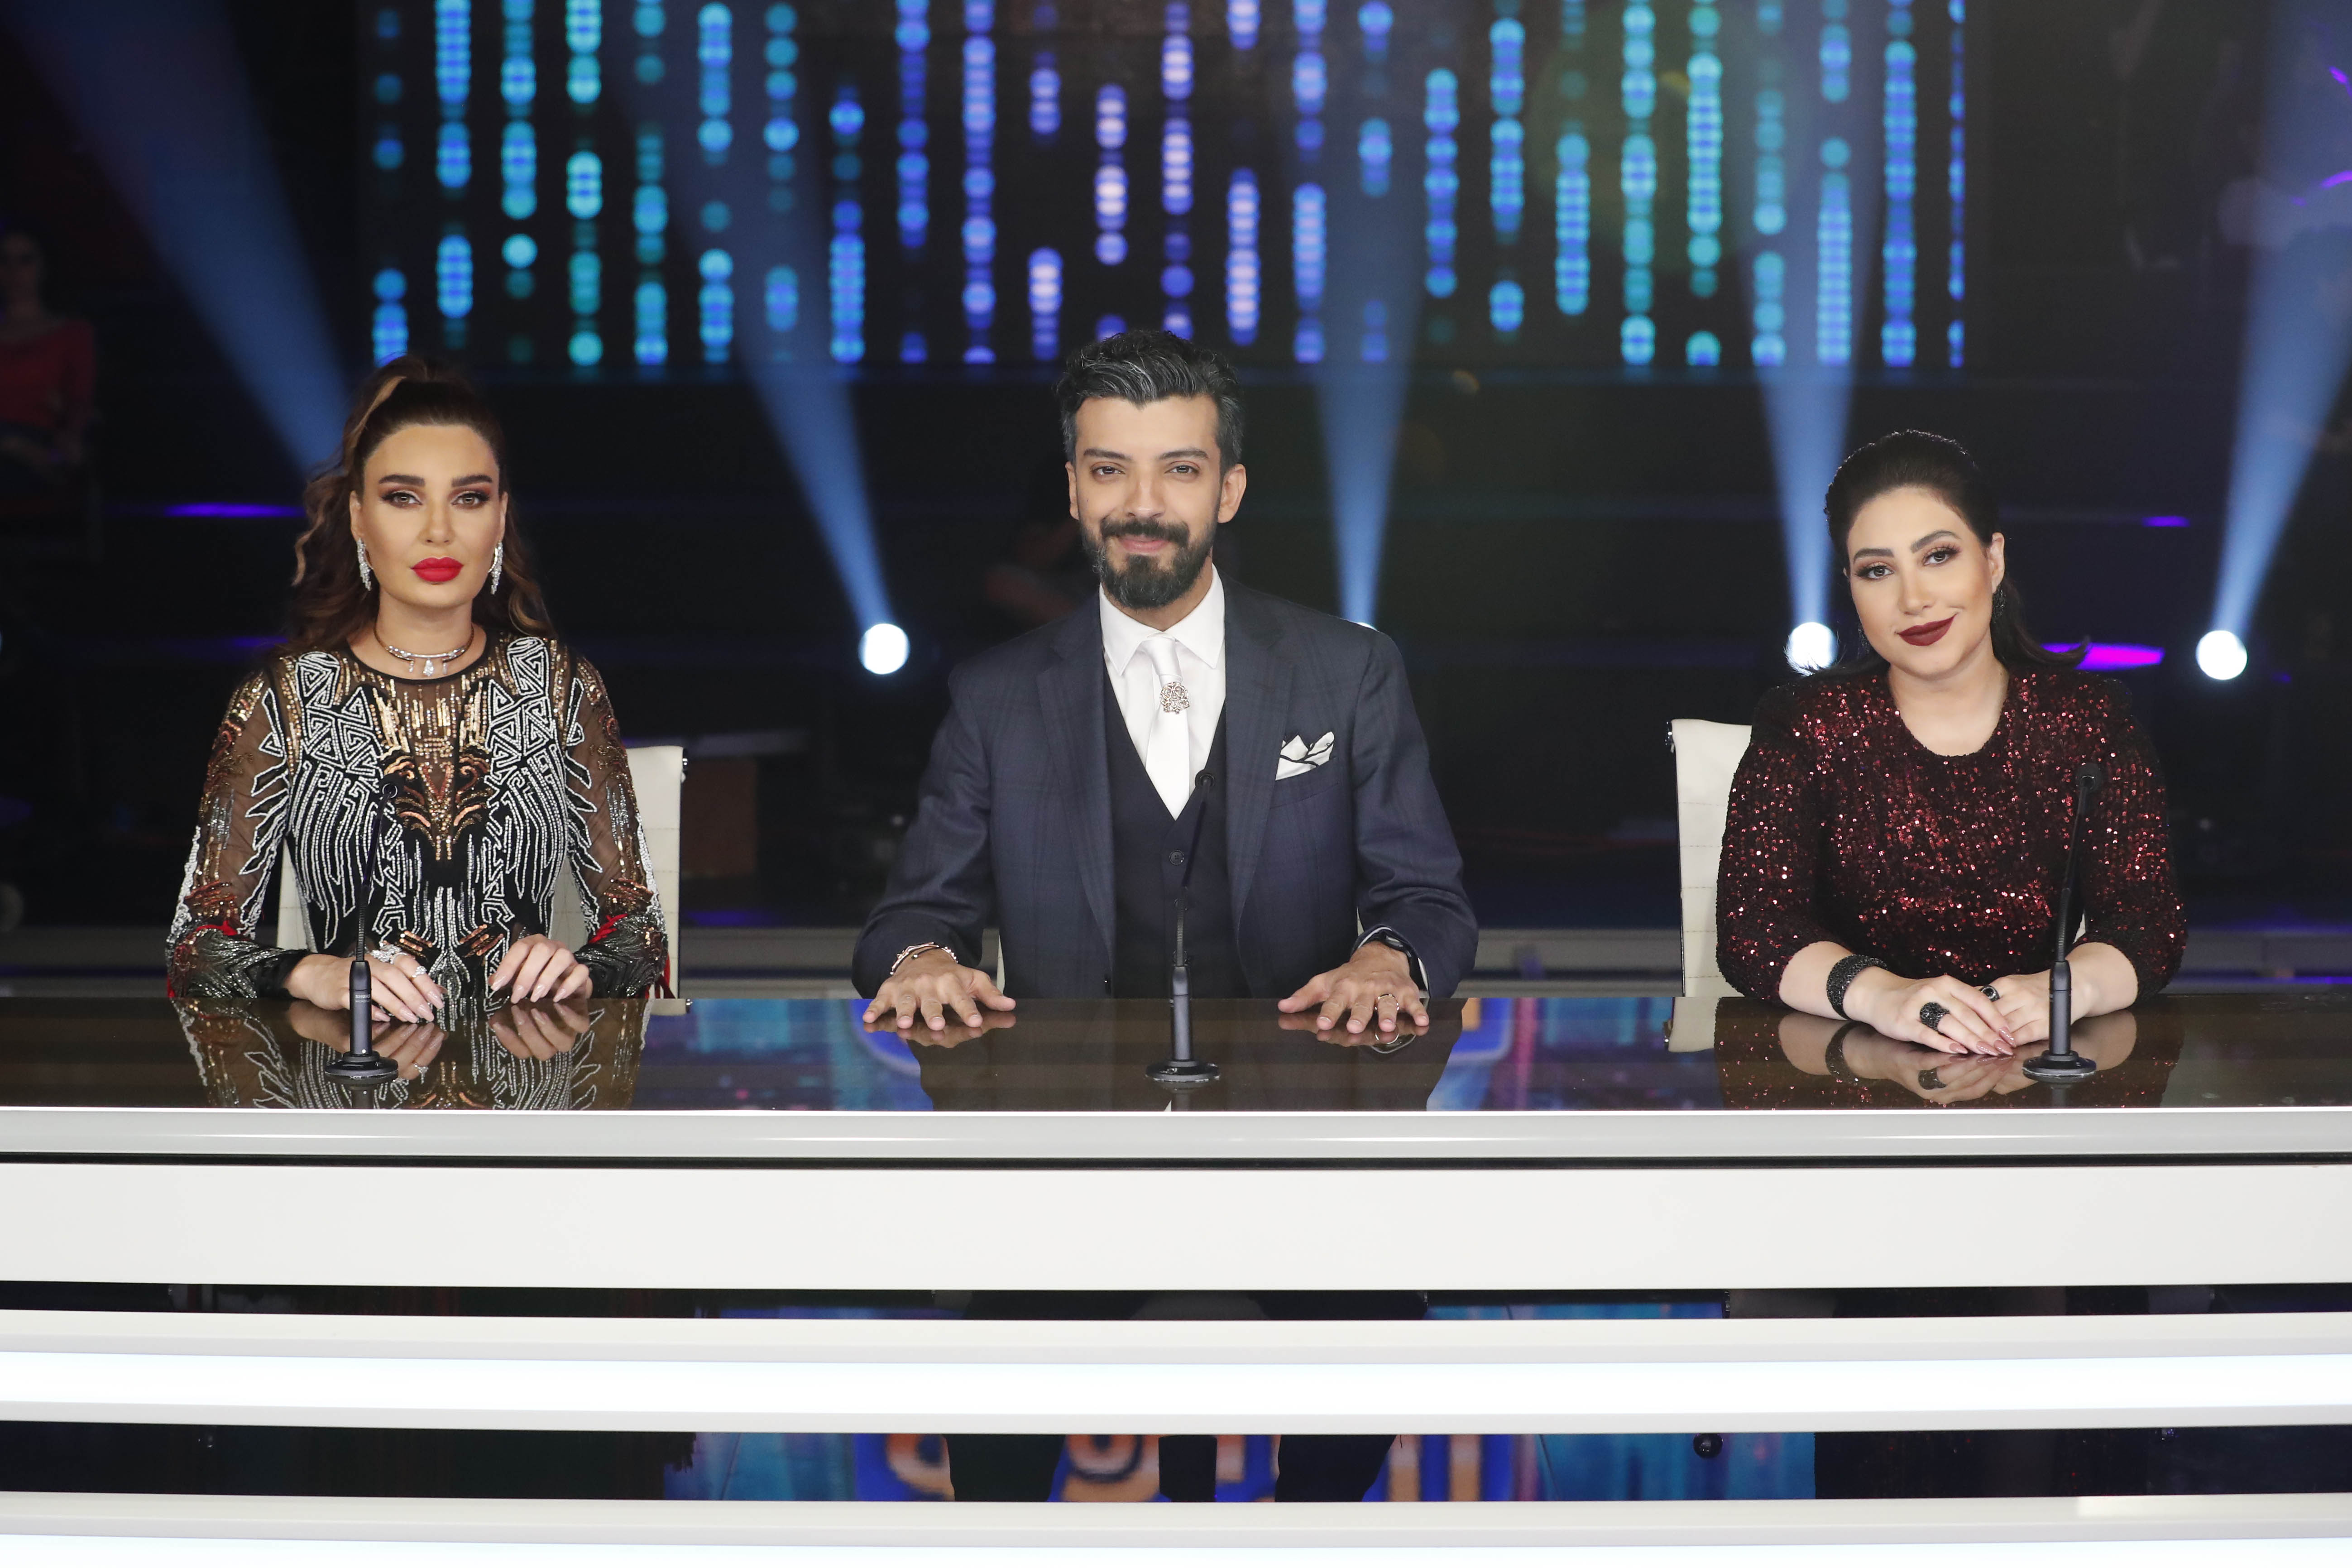 سيرين وبوسي ويعقوب الفرحان من كواليس الديفا